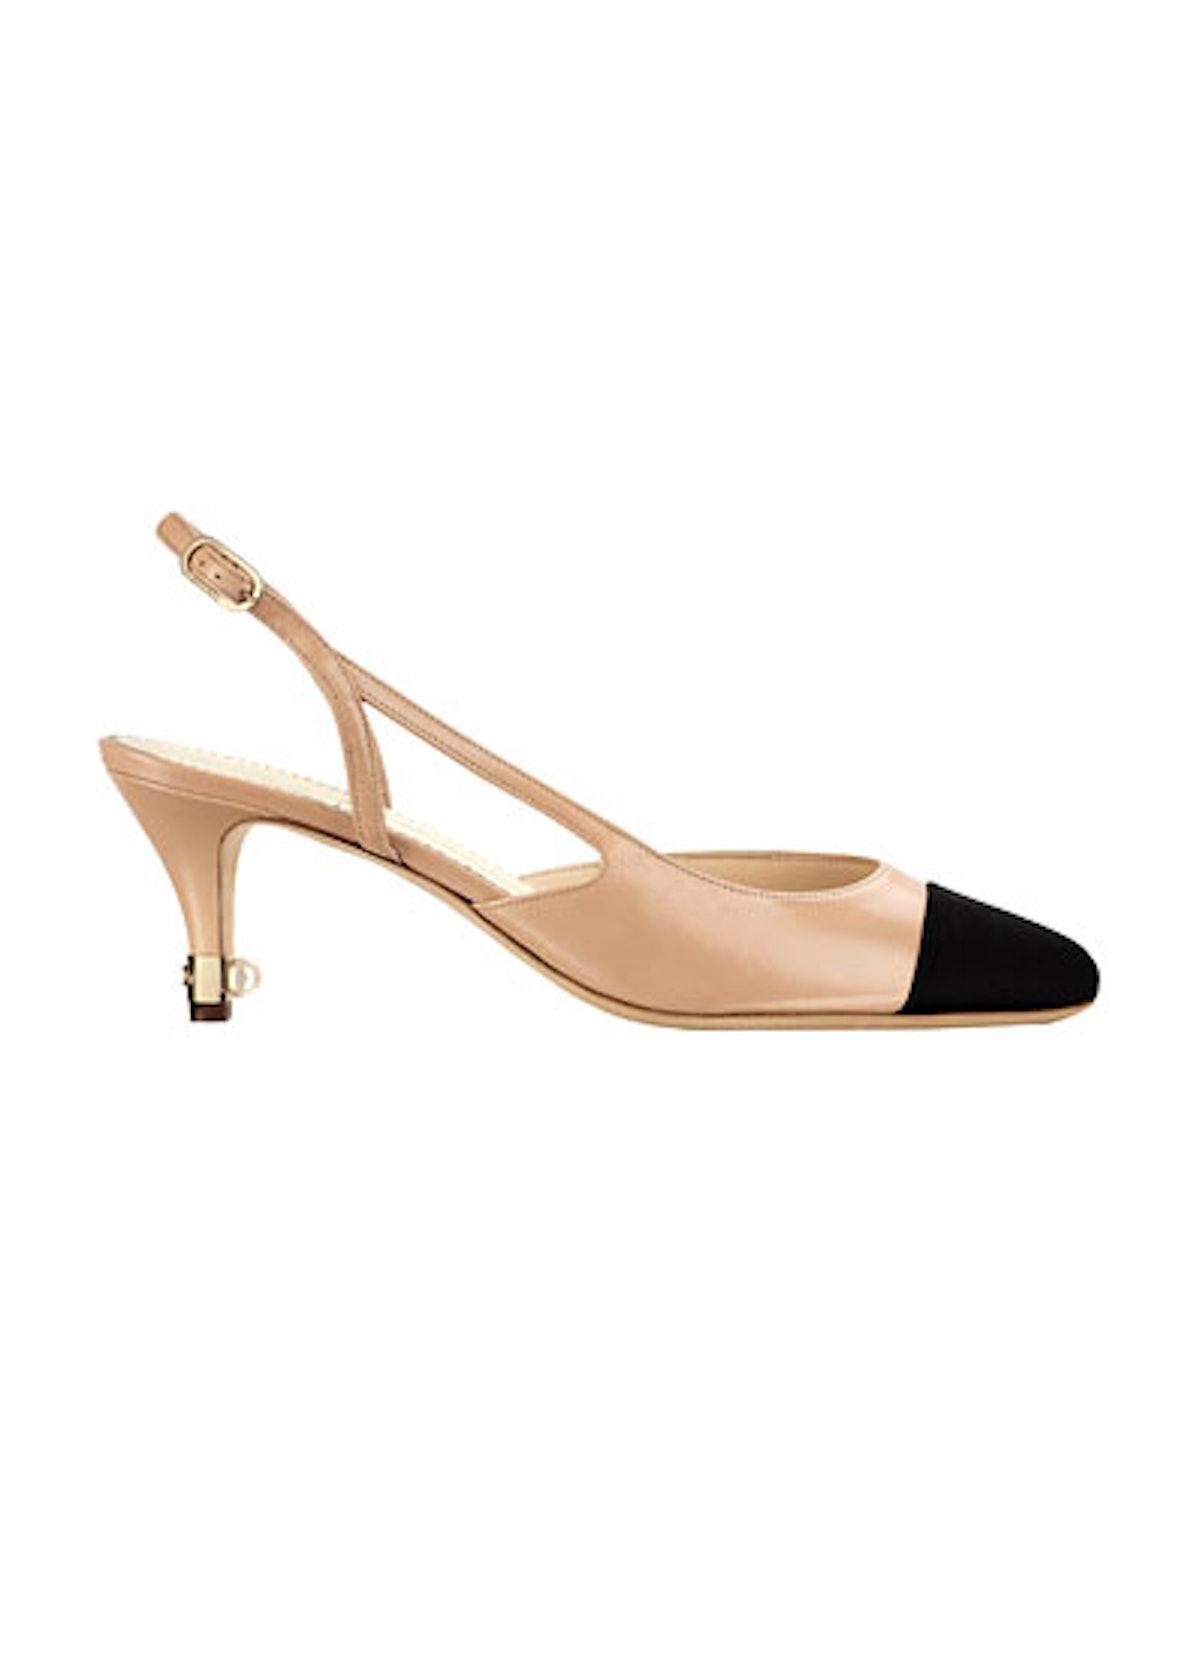 acss-kitten-heels-trend-09-v.jpg